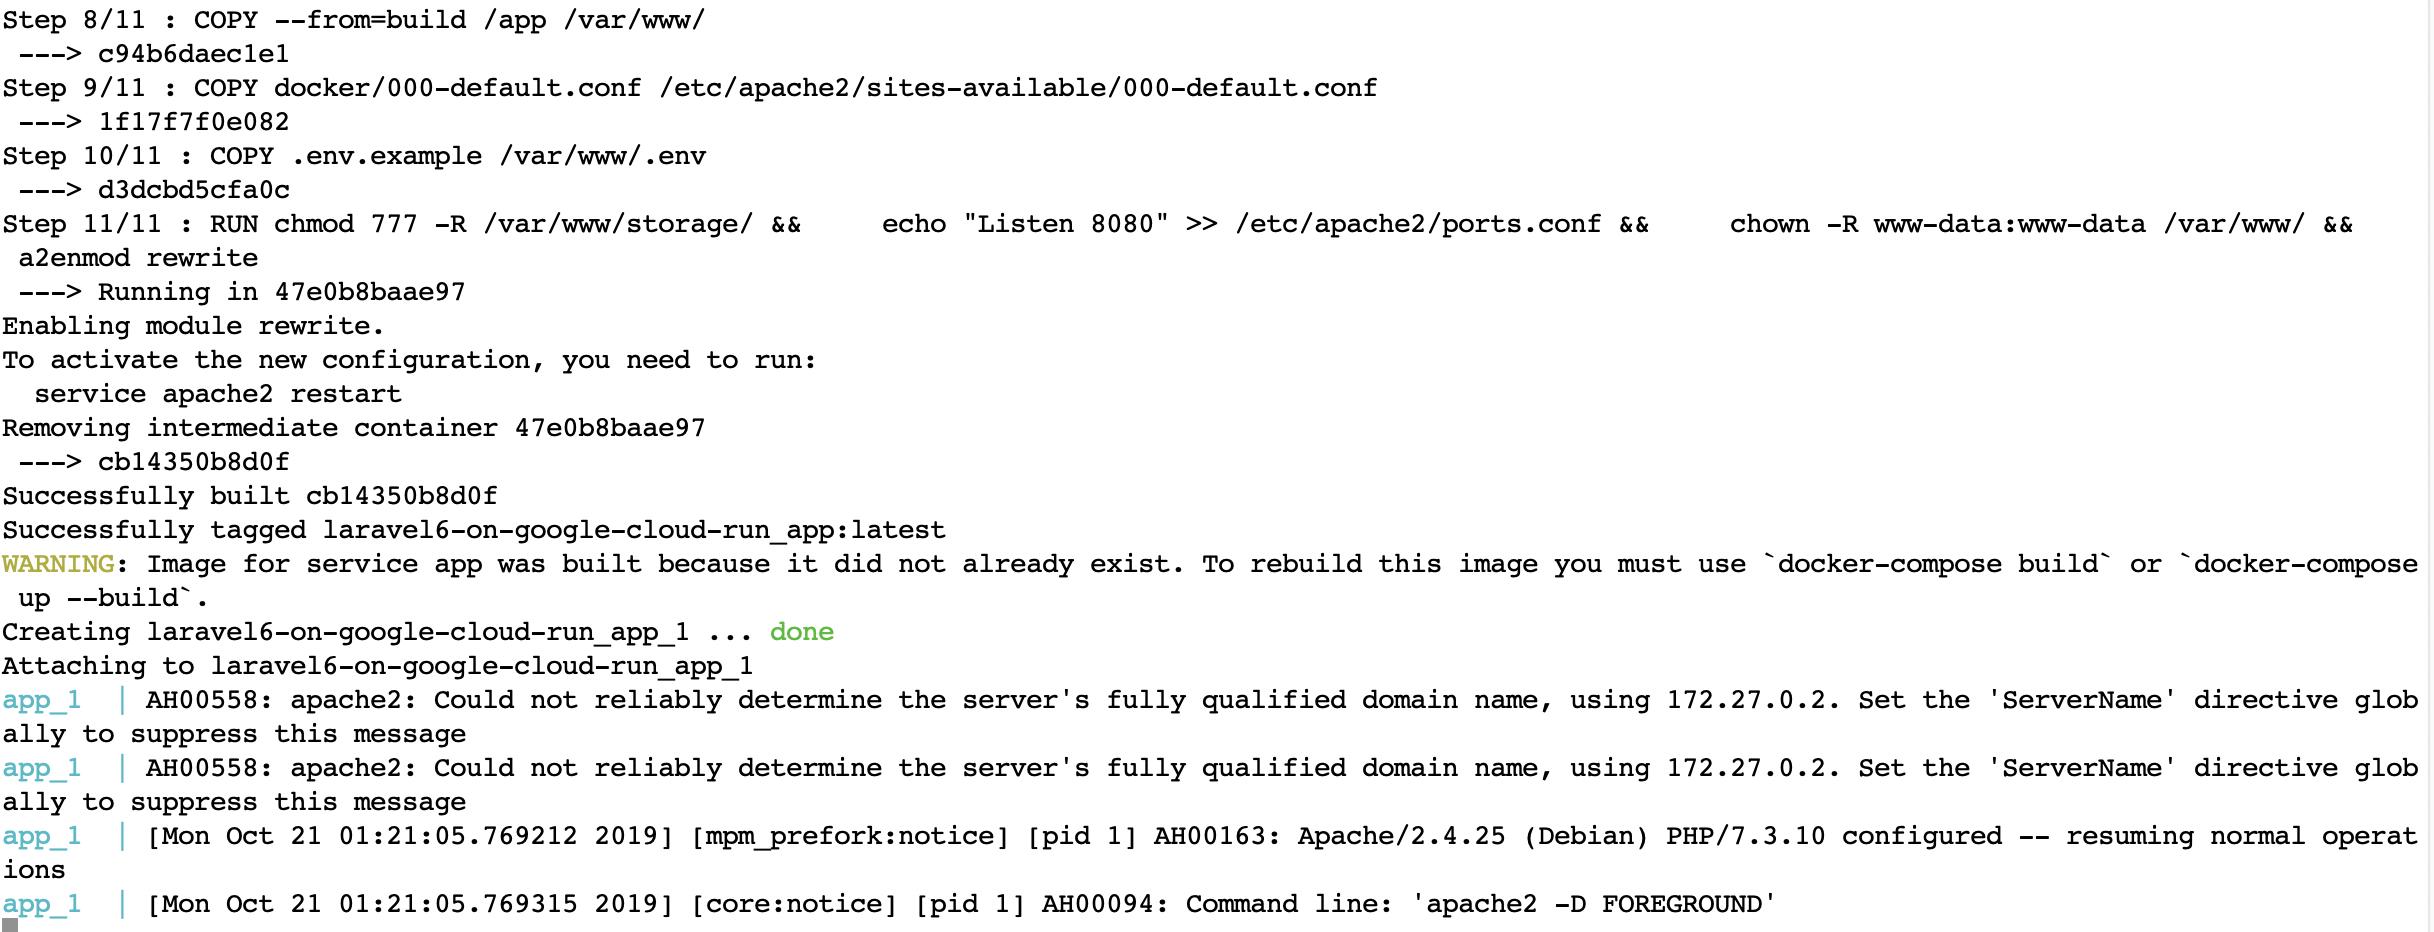 Пошаговое руководство по настройке Laravel 6 в Google Cloud Run с непрерывной интеграцией - 7